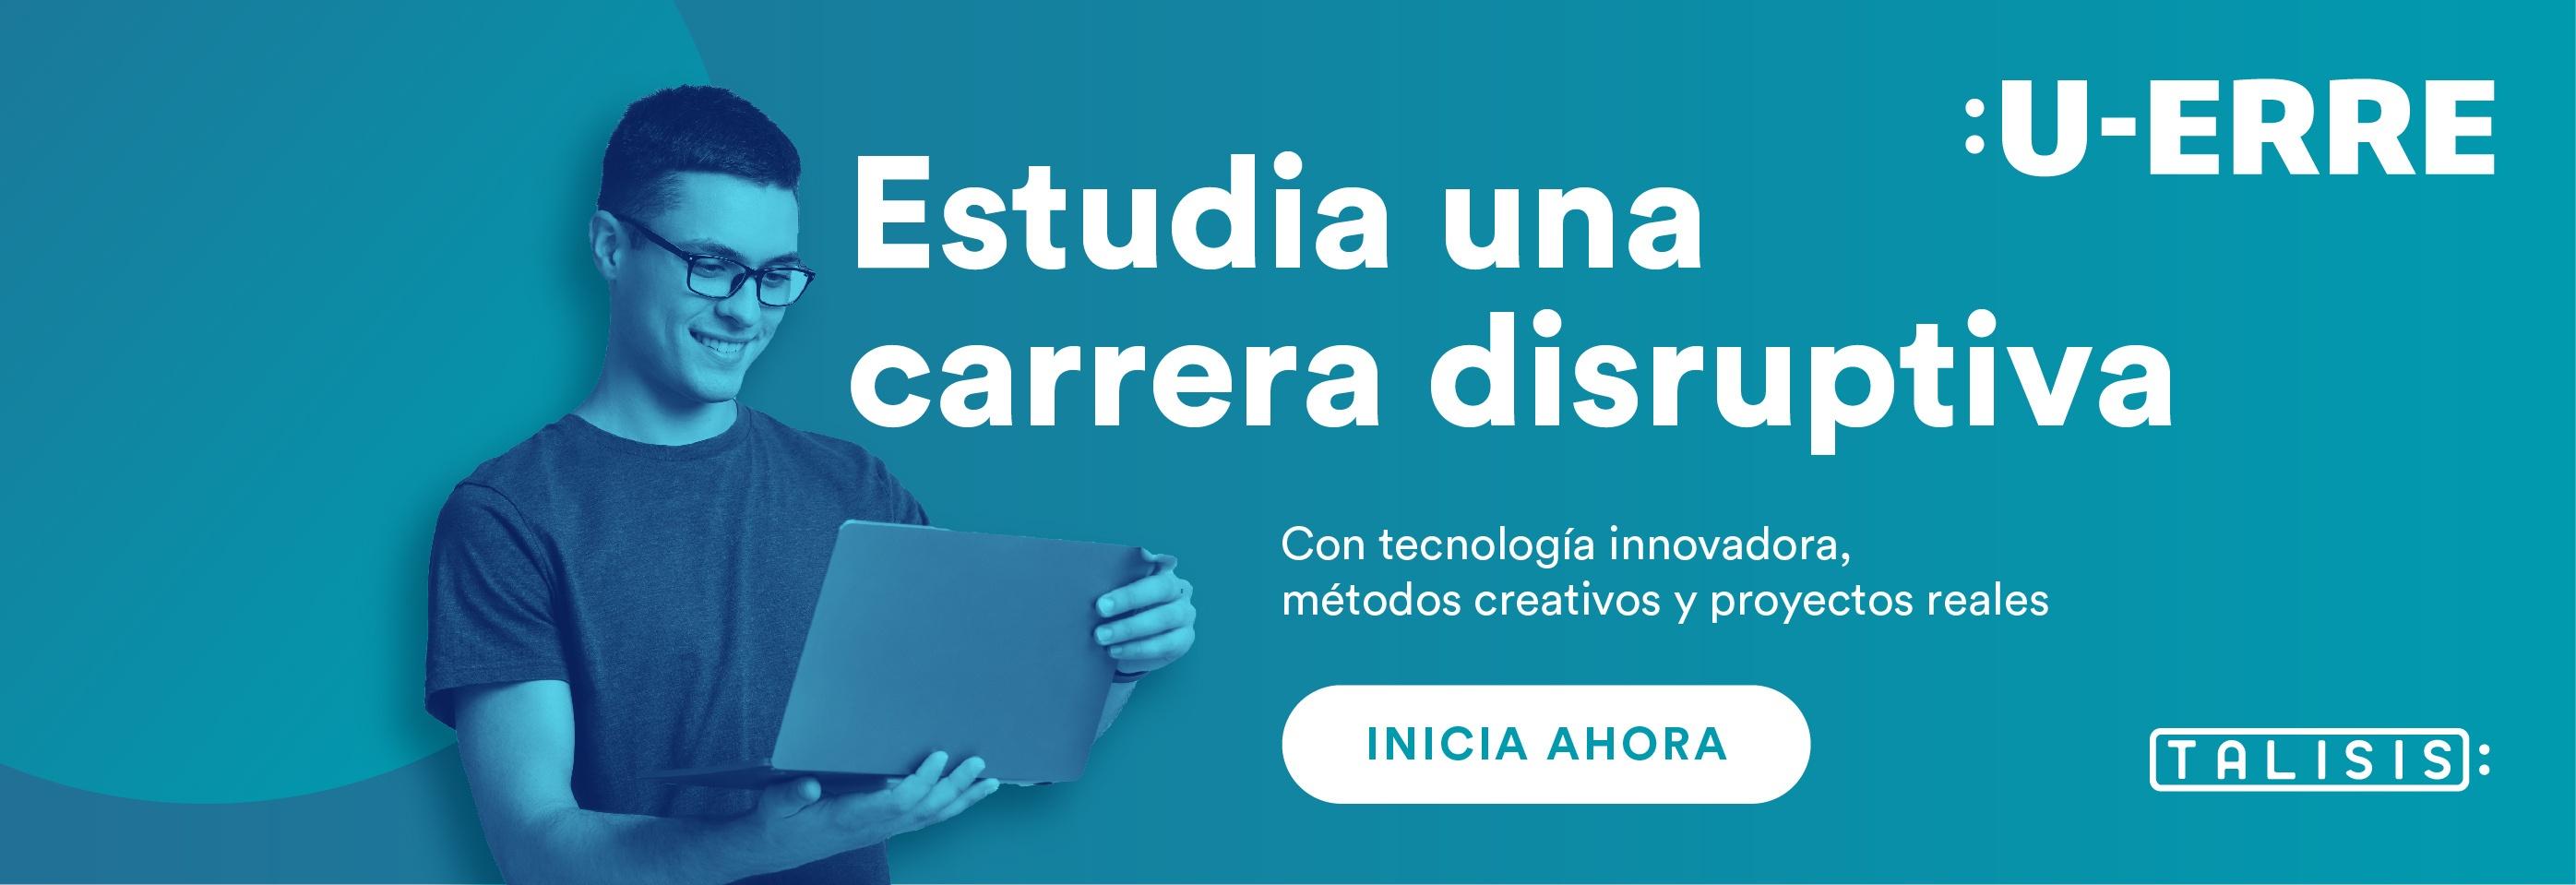 CTA-Estudia-una-carrera-disruptiva